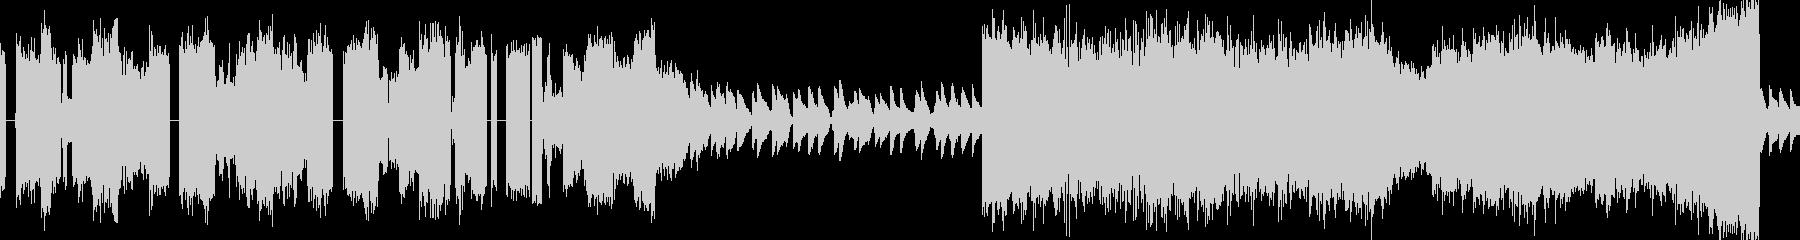 EDMで使われるカットアップされたシンセの未再生の波形